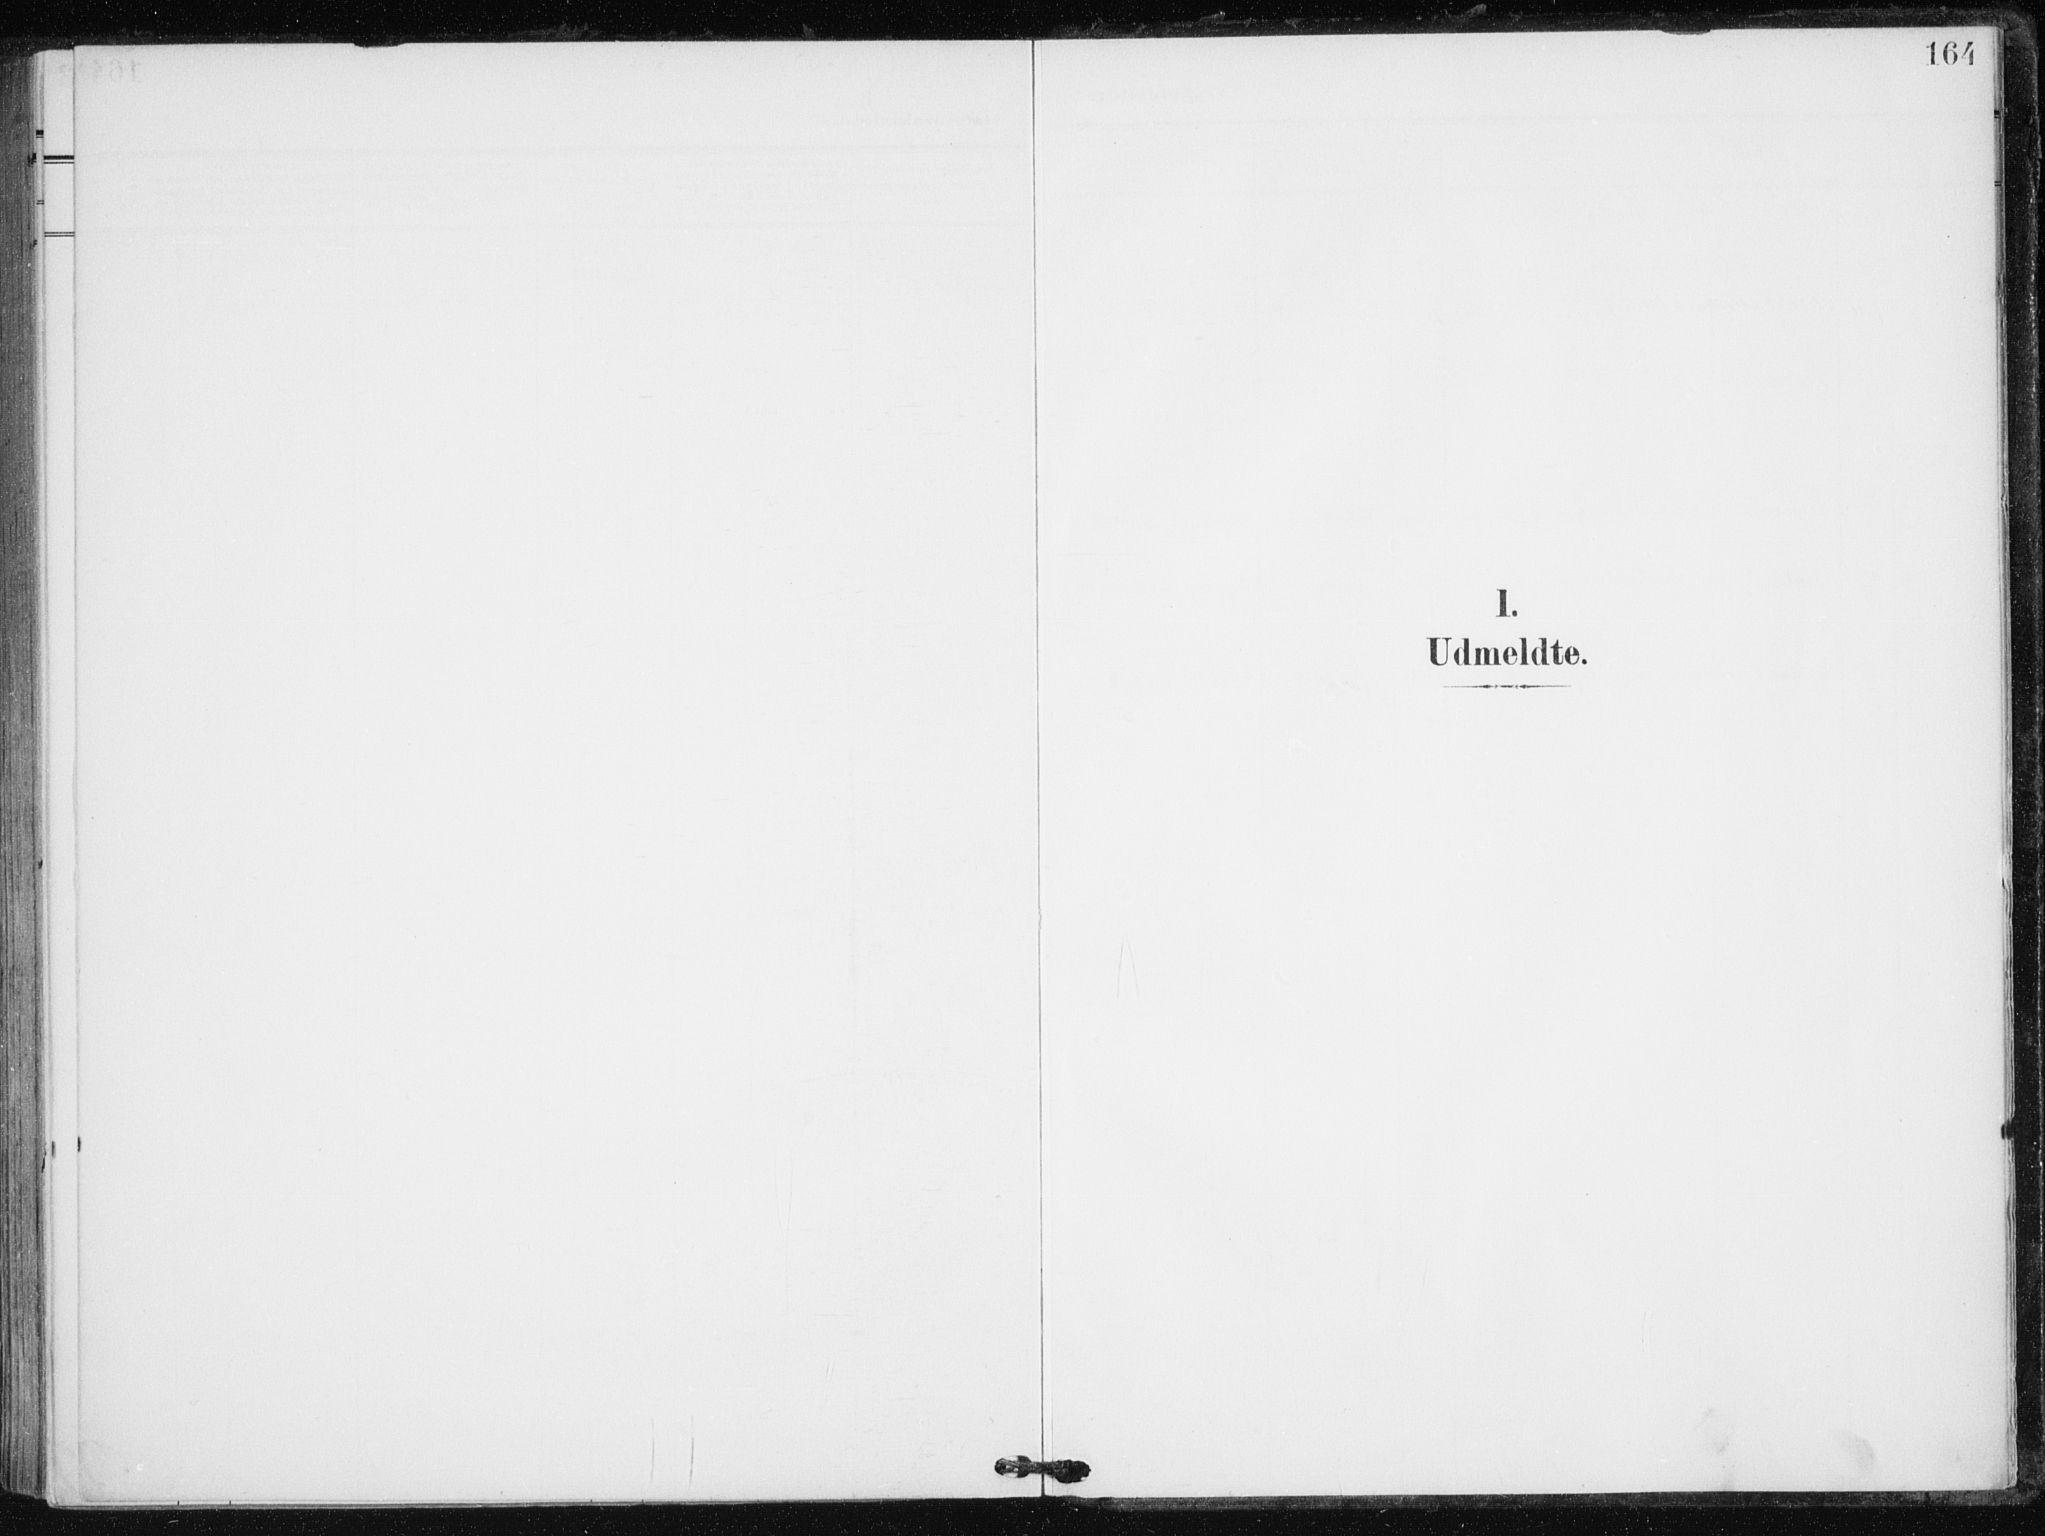 SATØ, Tranøy sokneprestkontor, I/Ia/Iaa/L0013kirke: Parish register (official) no. 13, 1905-1922, p. 164